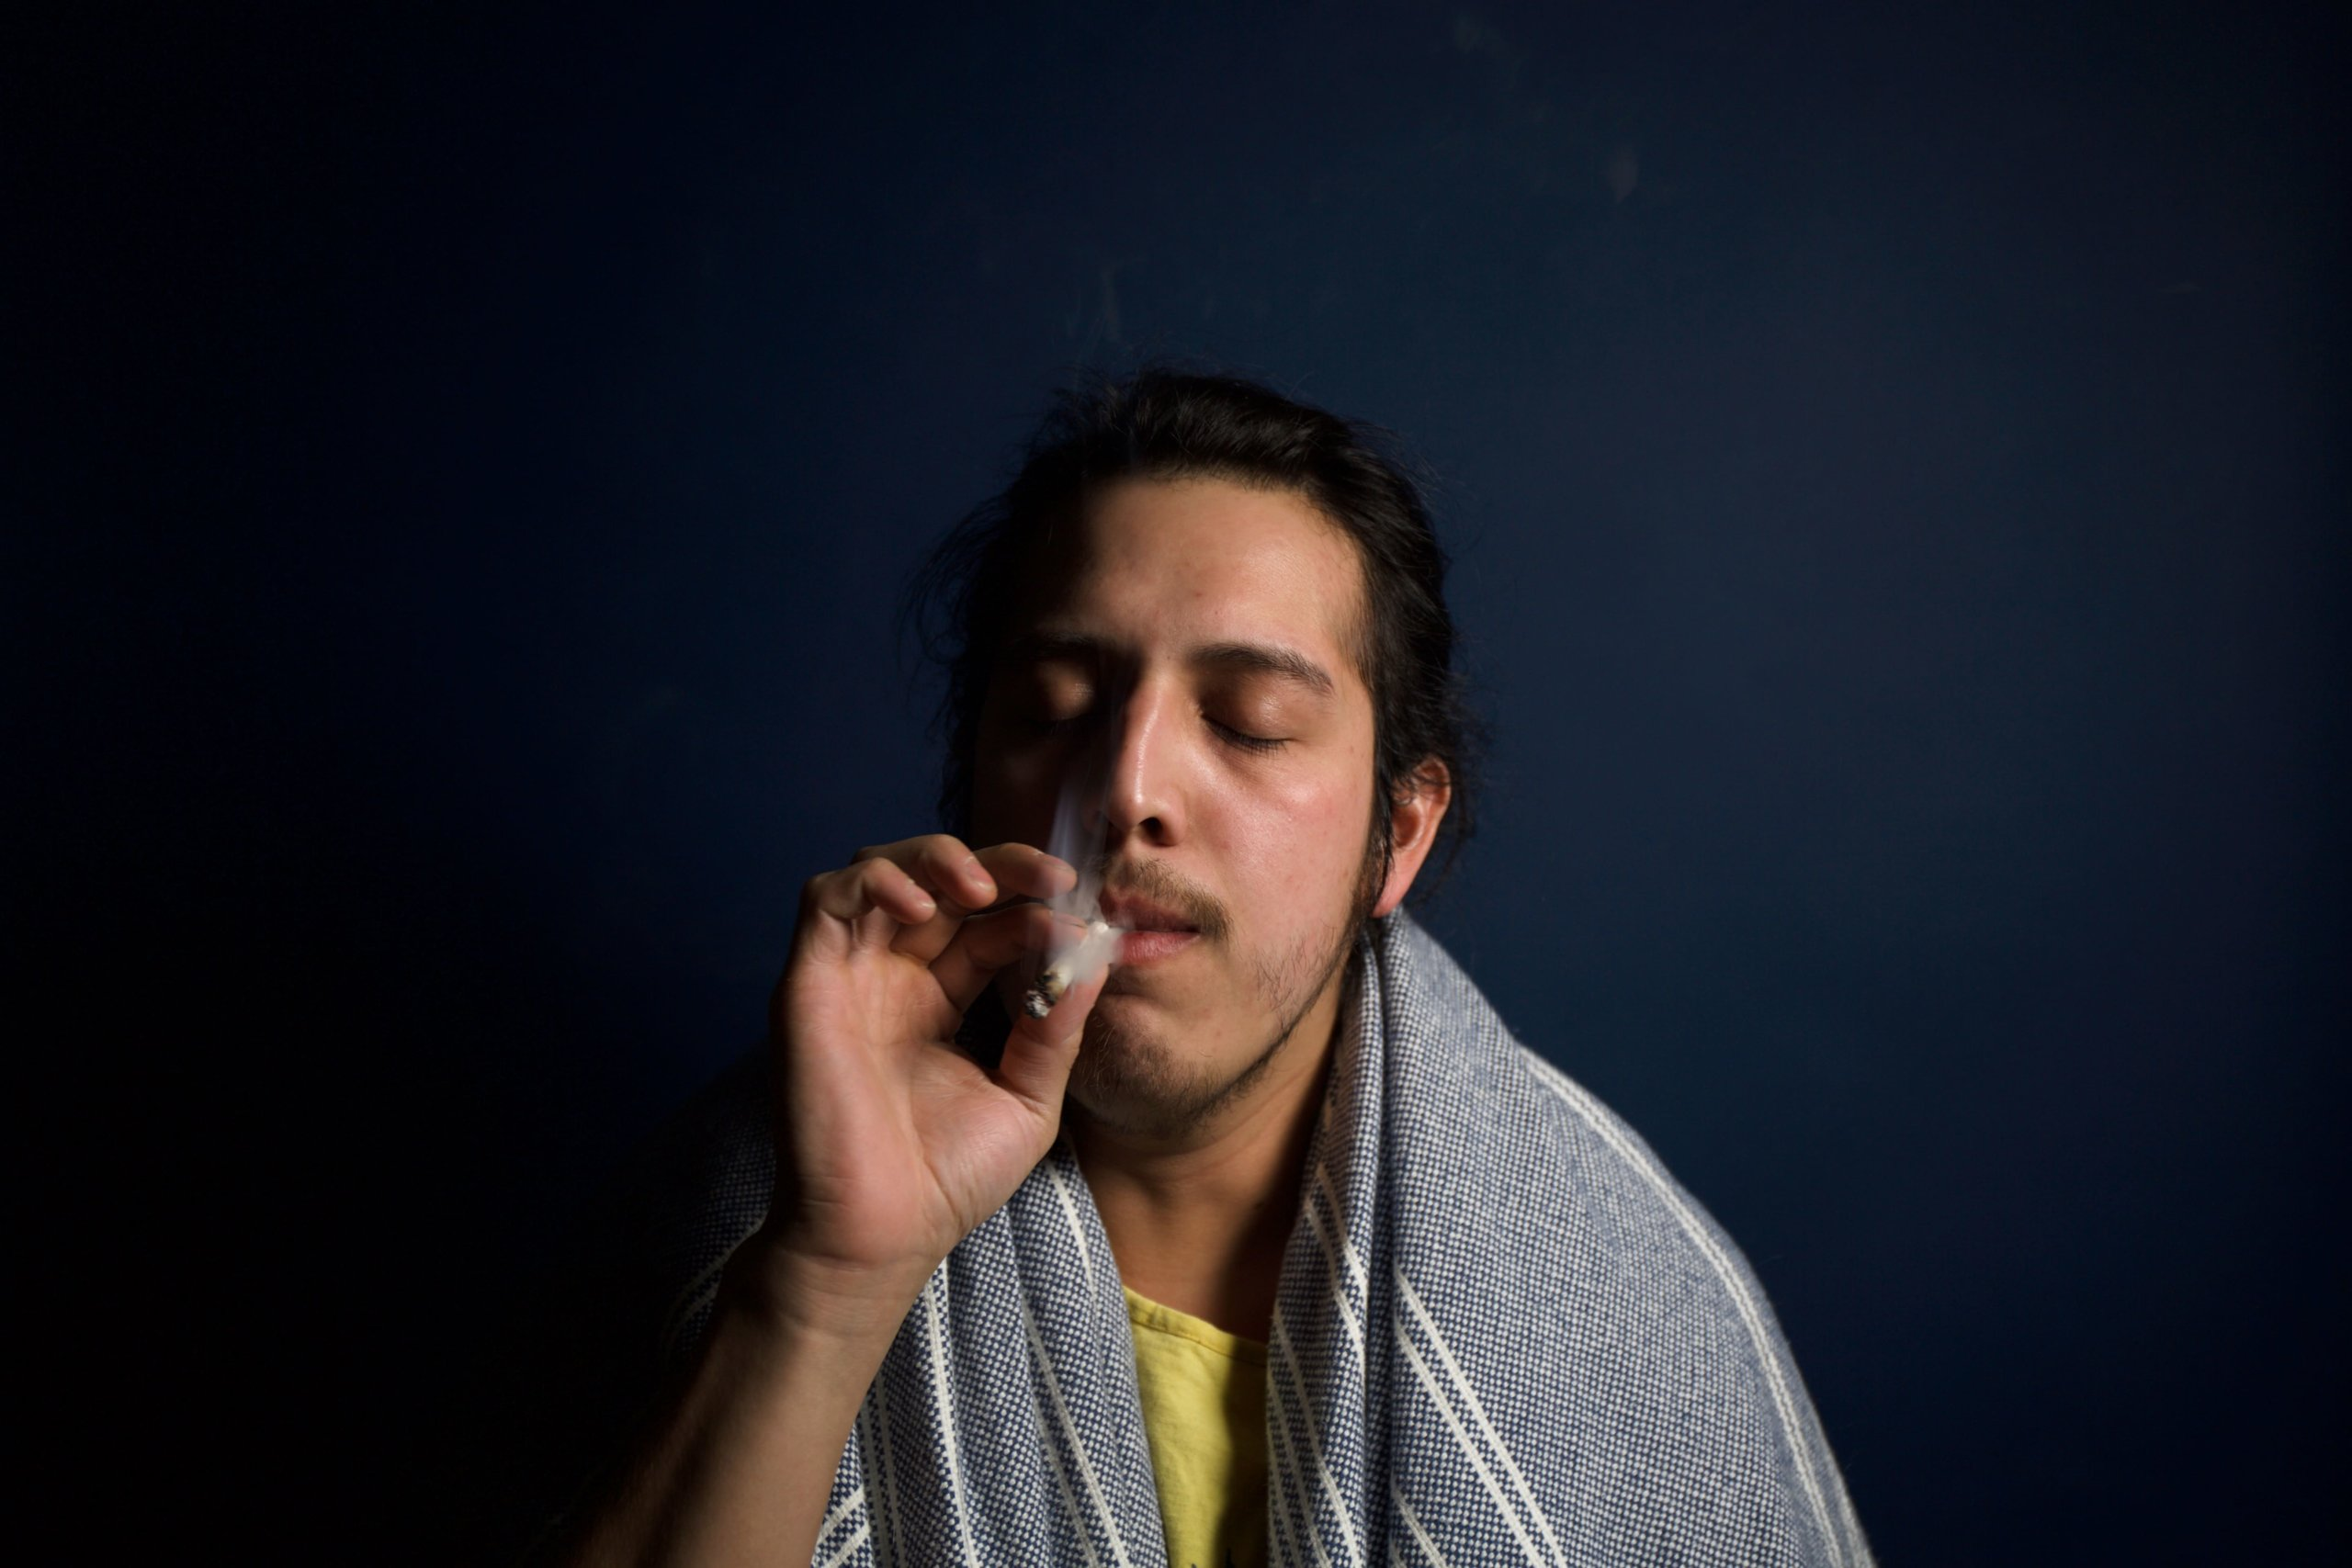 気持ち良さそうに大麻を吸う男性